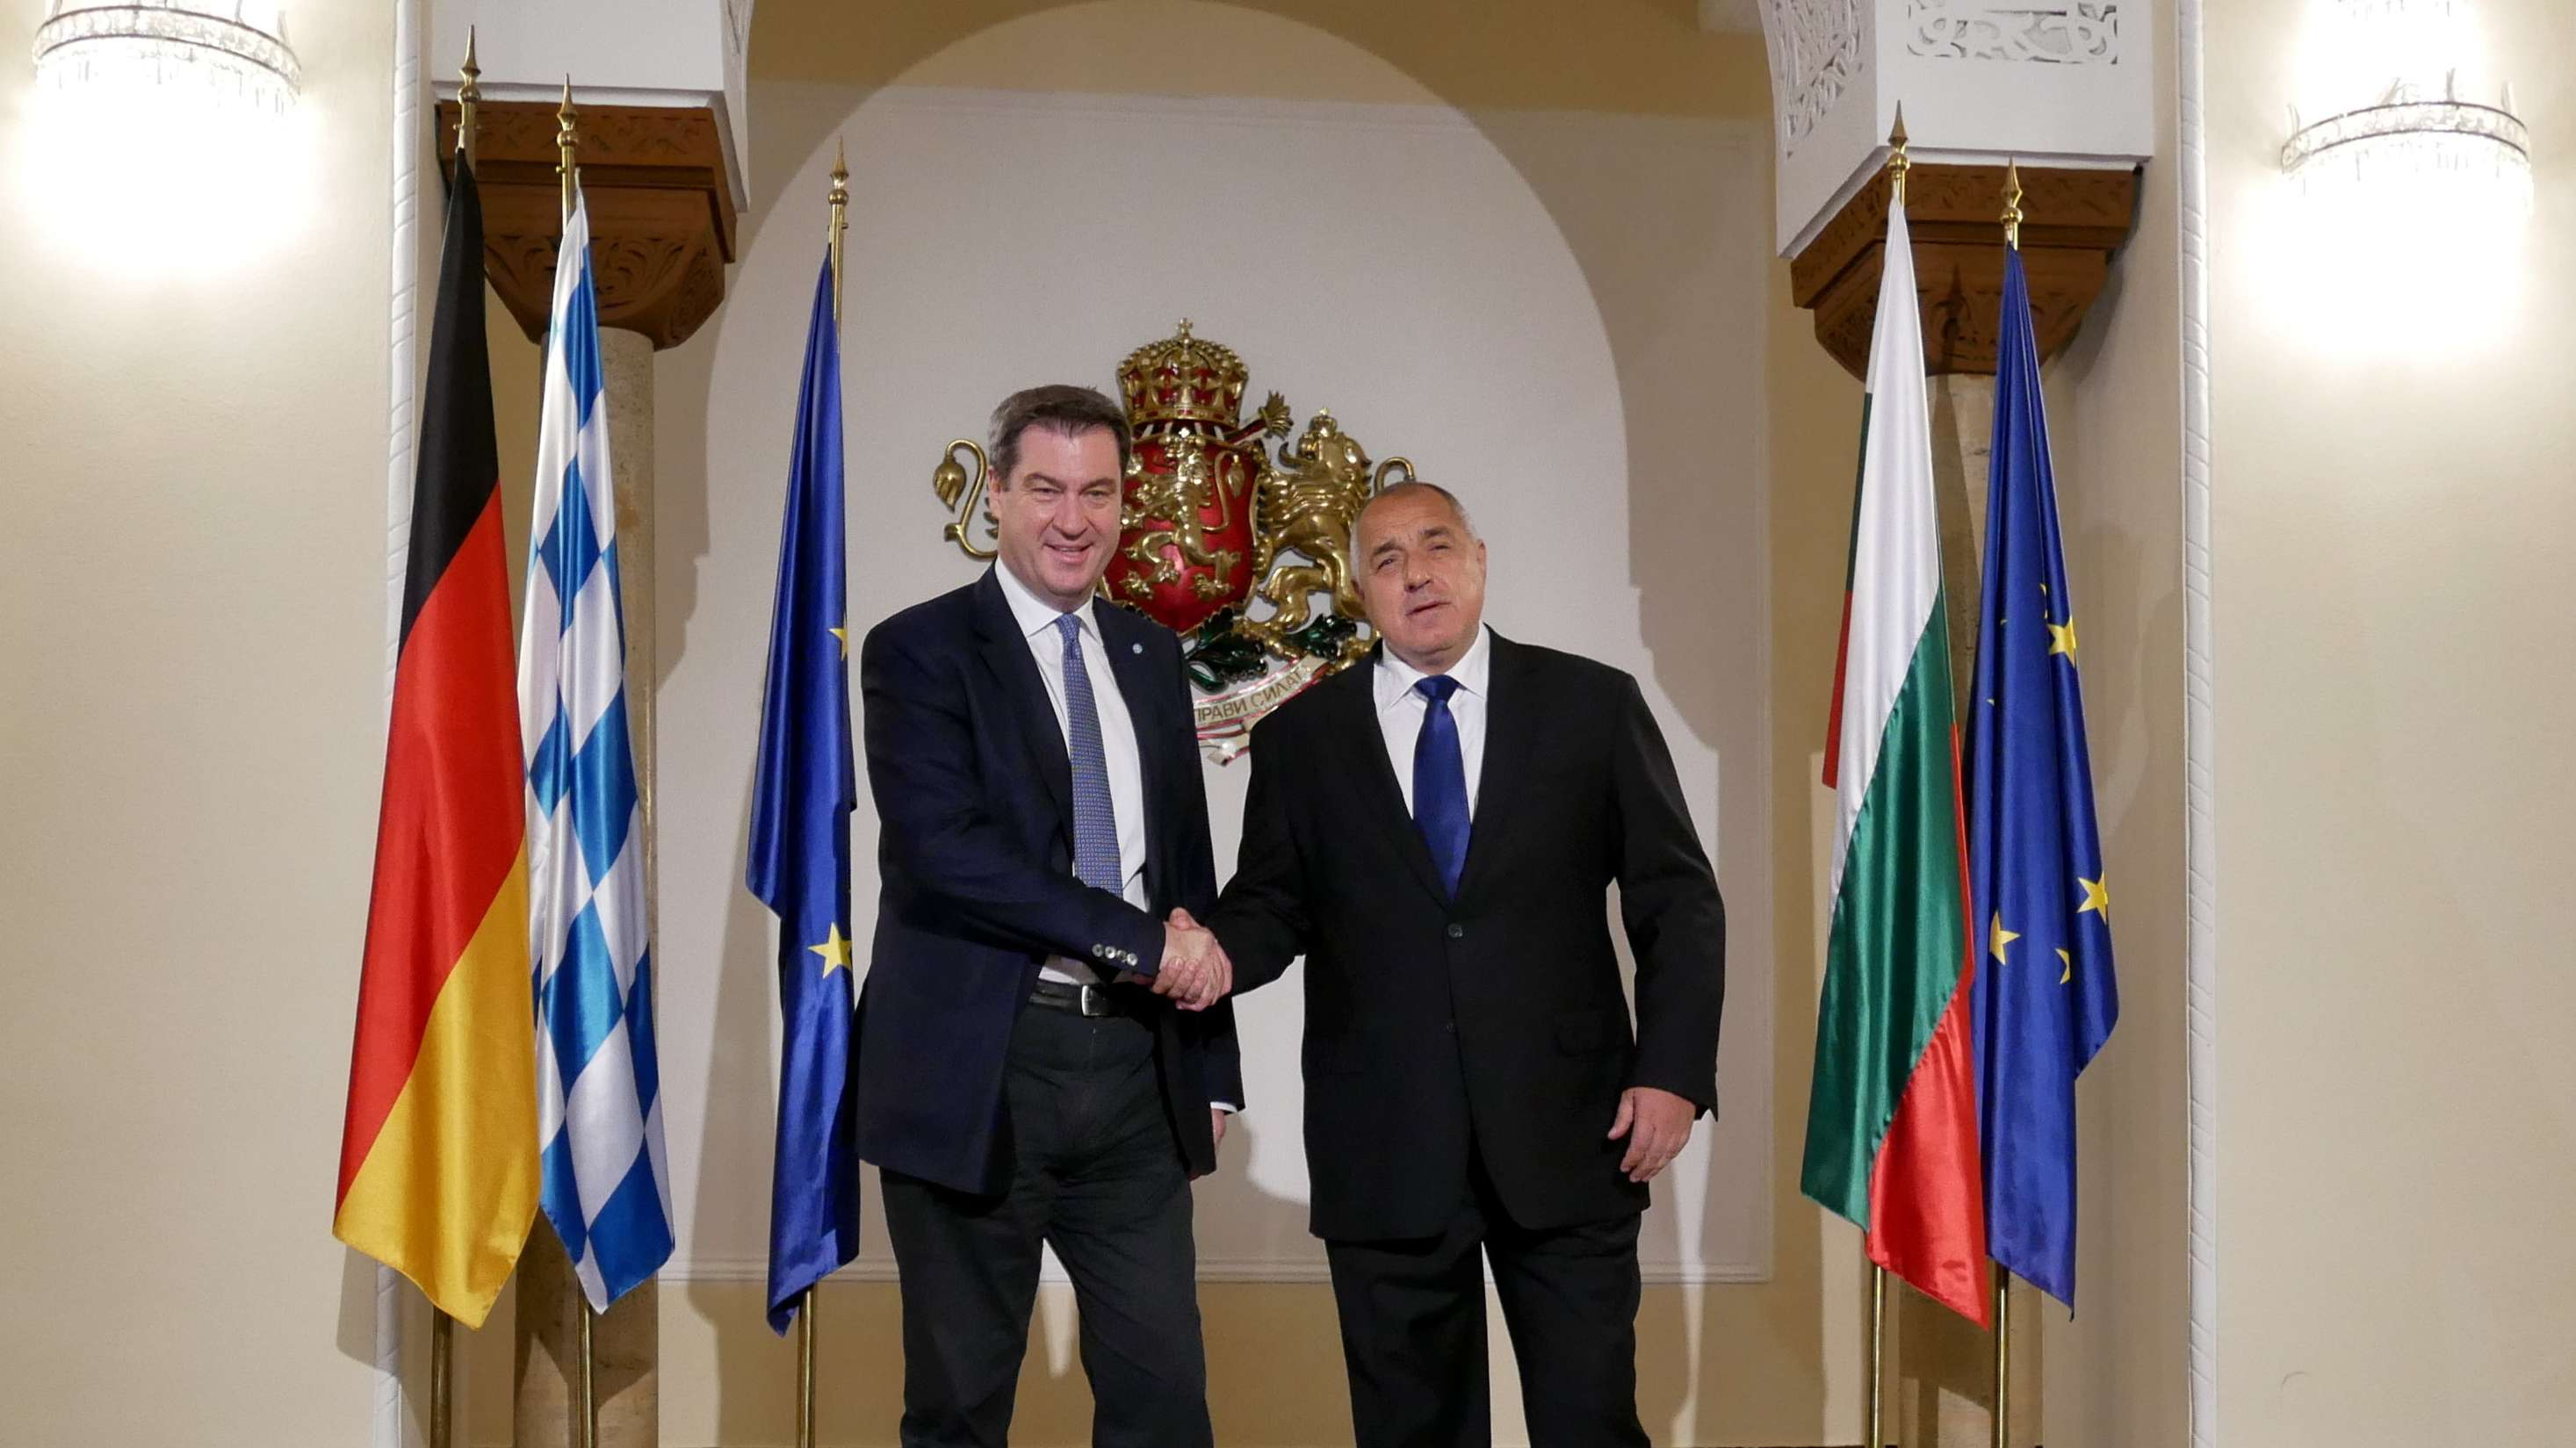 Sofia: Der CSU-Vorsitzende und bayerische Ministerpräsident Markus Söder trifft den  bulgarischen Regierungschef Boiko Borissow.